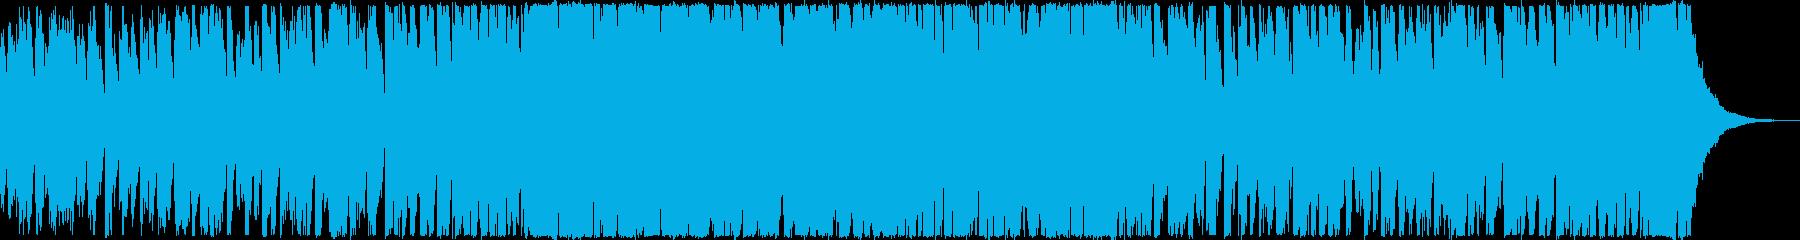 バラエティ・わくわく・ファンク・56秒の再生済みの波形